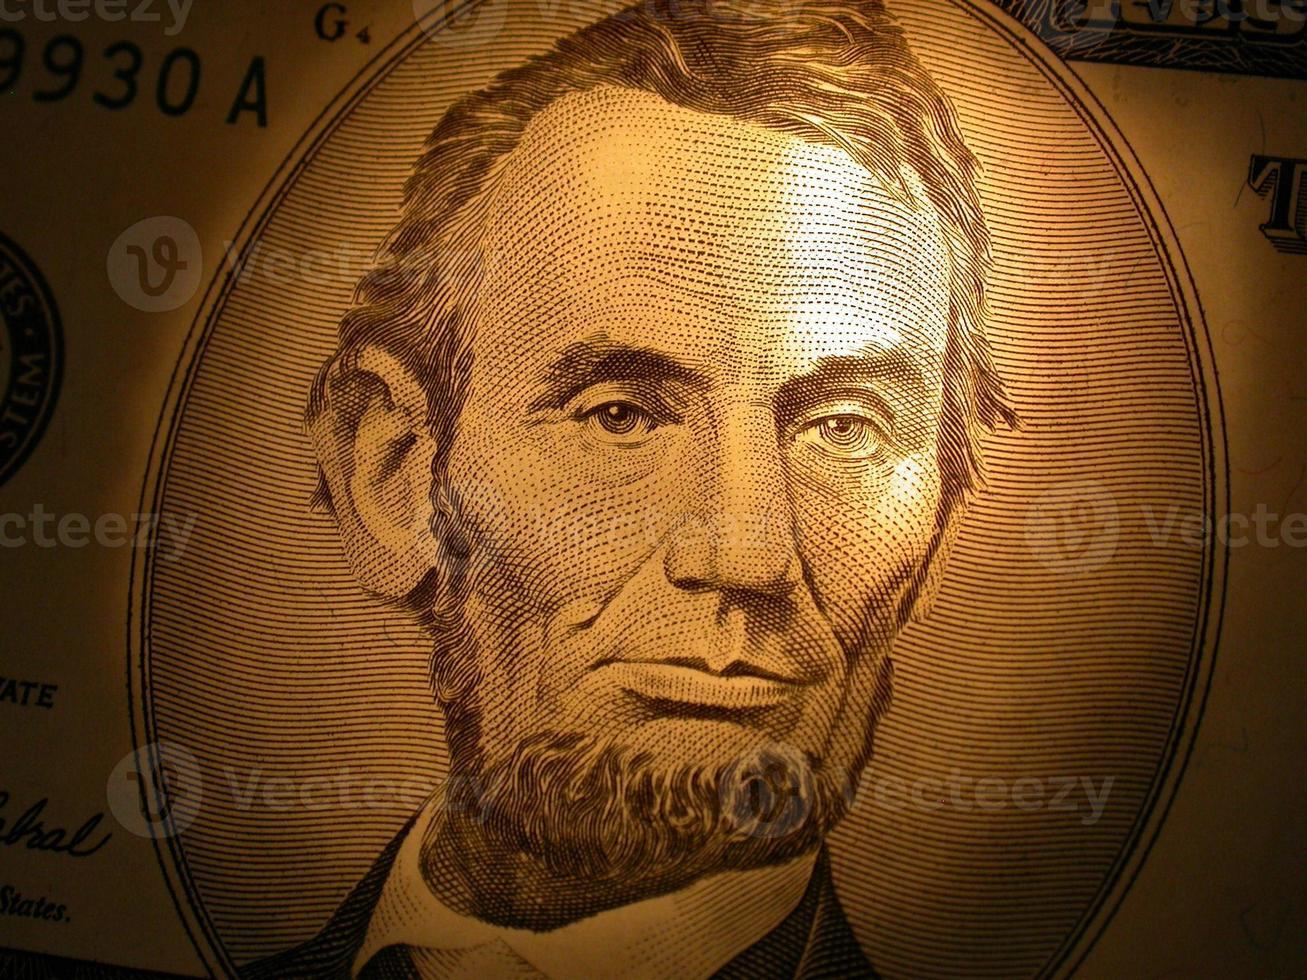 Lincoln à luz de velas - US $ 5 foto